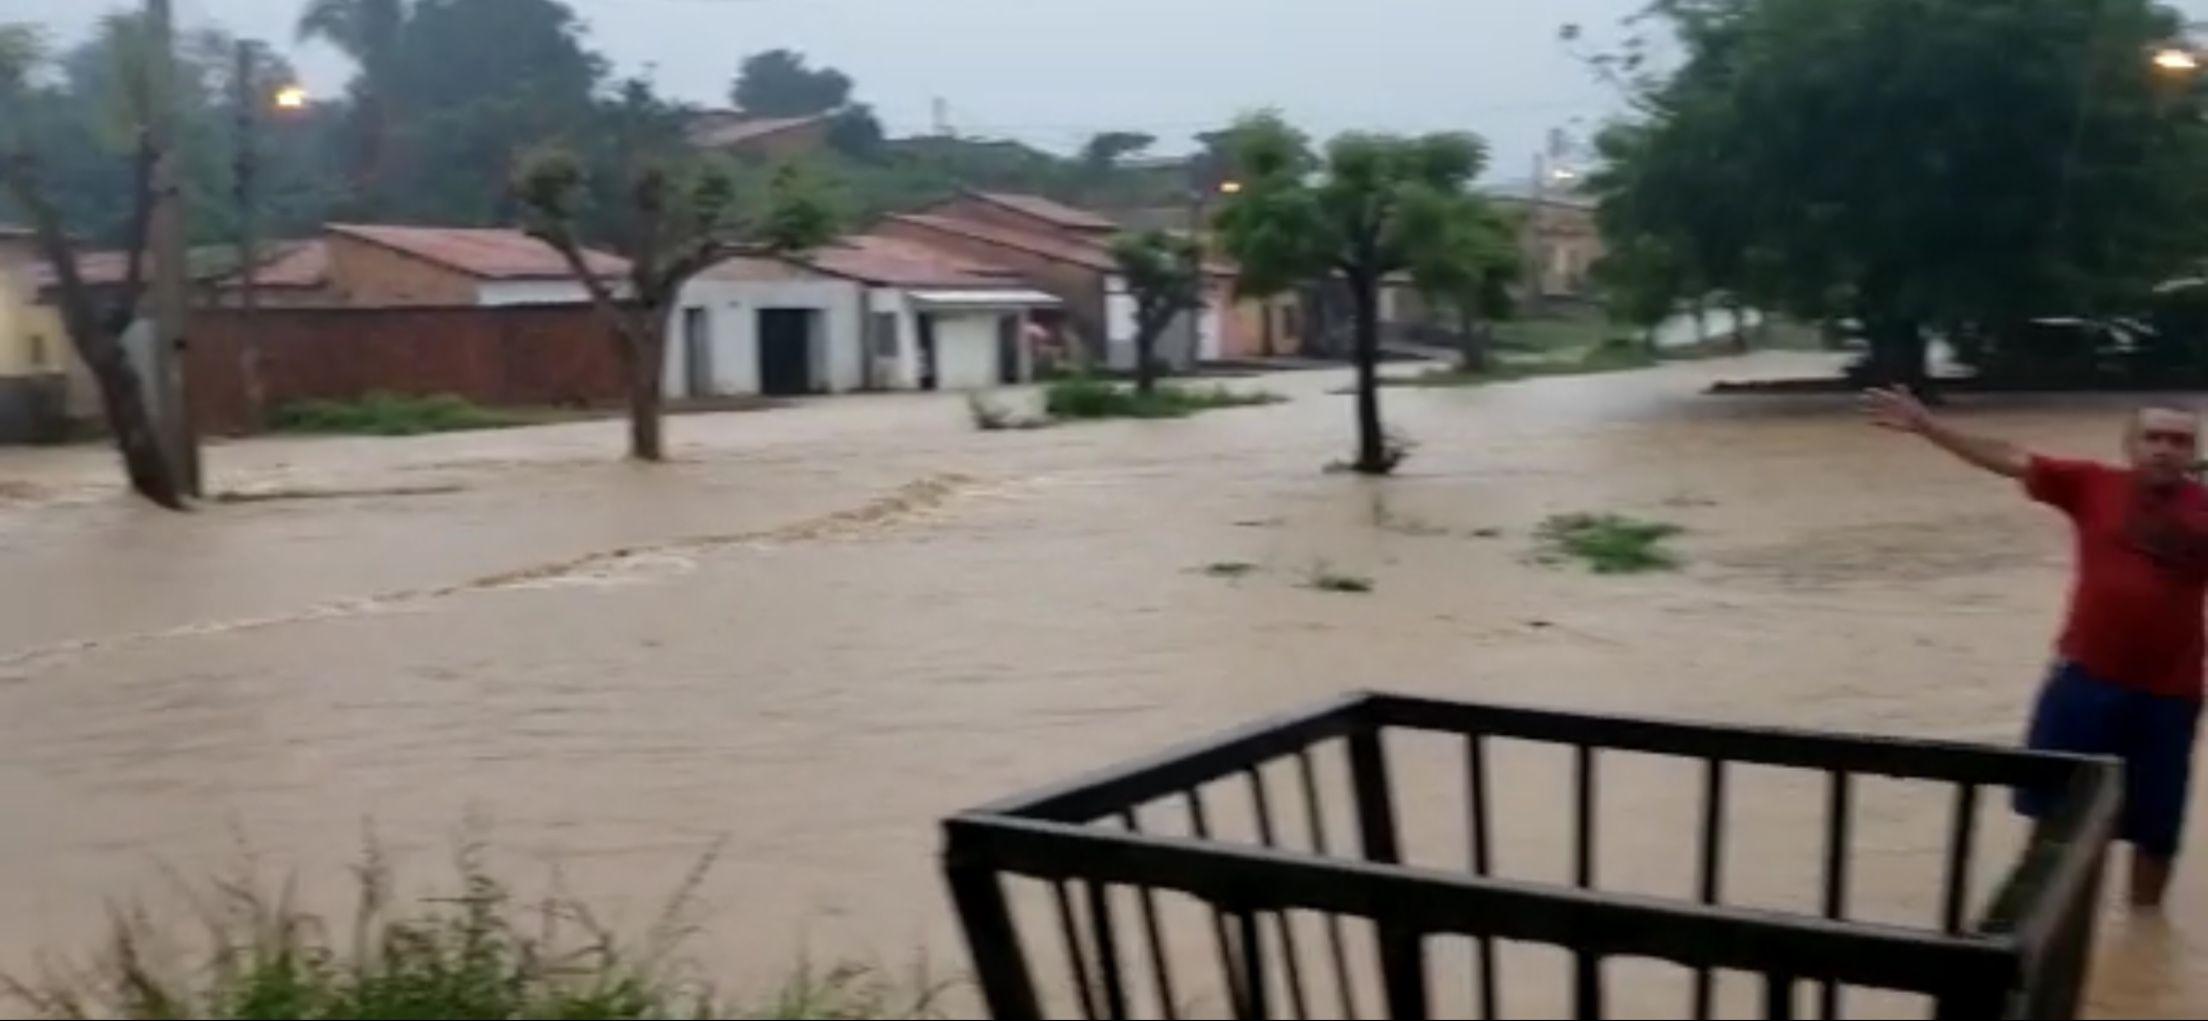 40 milímetros: Forte chuva alaga ruas, enxurrada invade casas e mulher passa mal em Barra do Corda